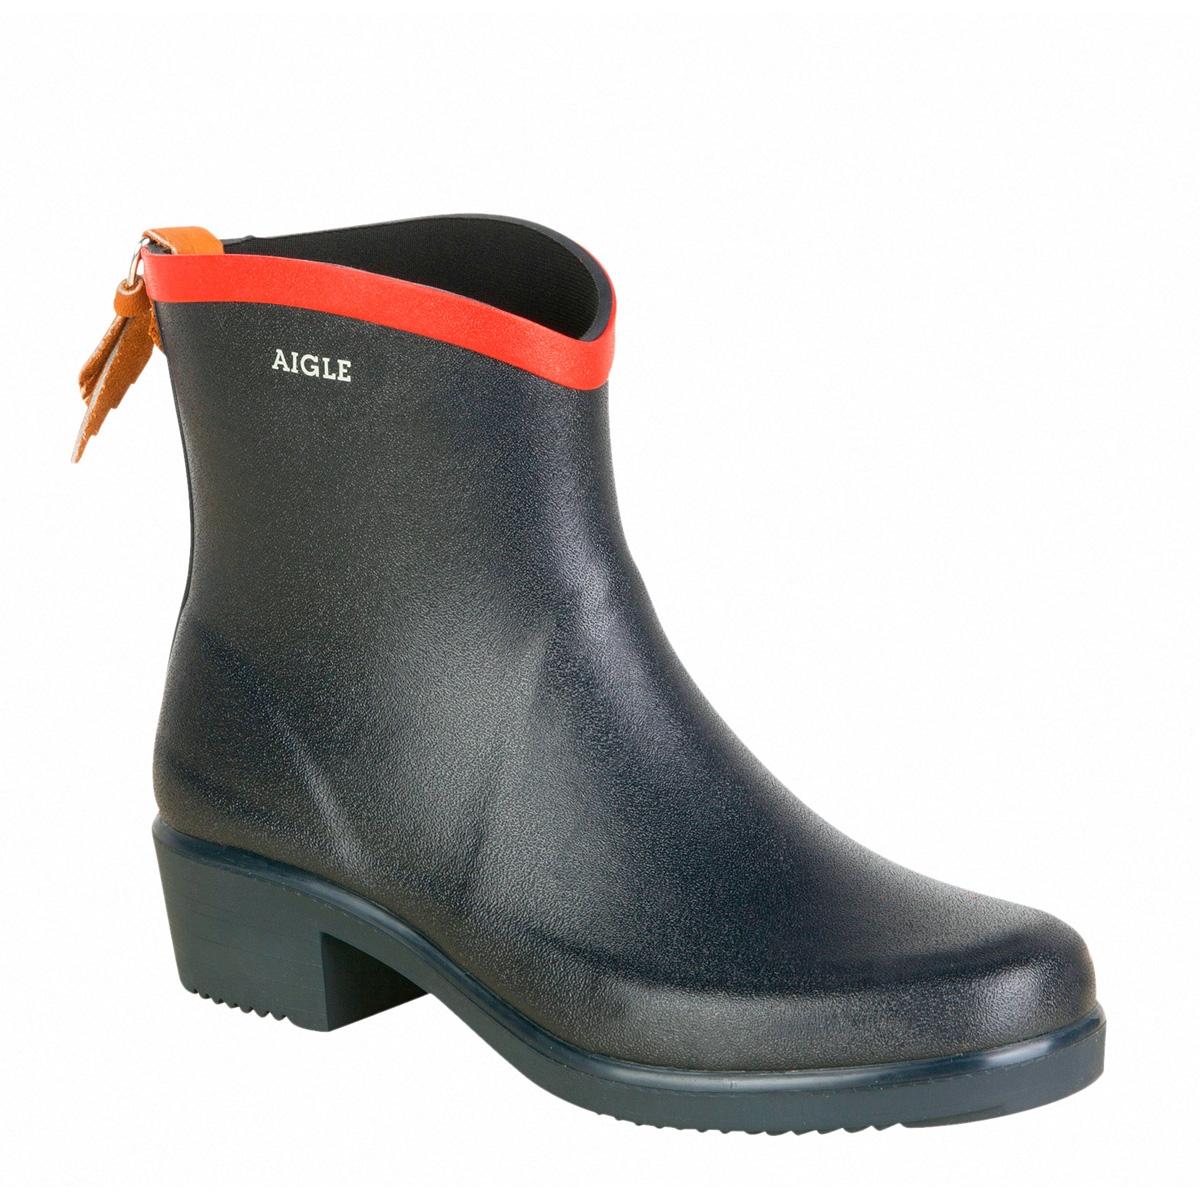 aigle miss juliette bottillon ankle boots s